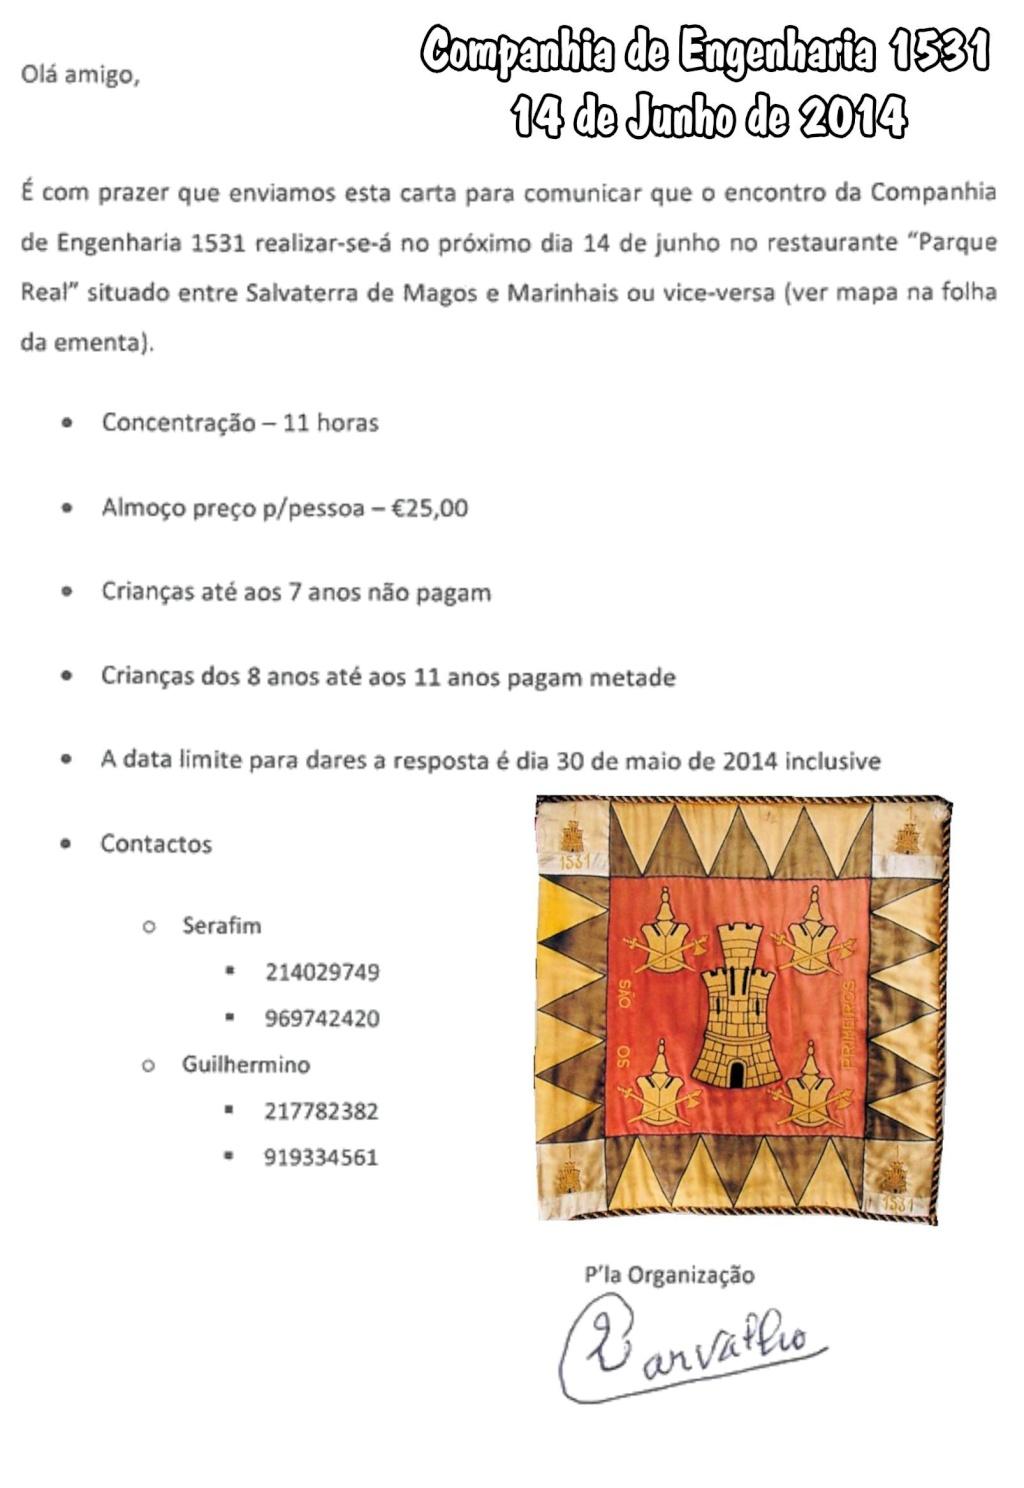 Companhia de Engenharia 1531 Confraternização no dia 14Jun2014 Salvaterra de Magos > Marinhais Ceng1510